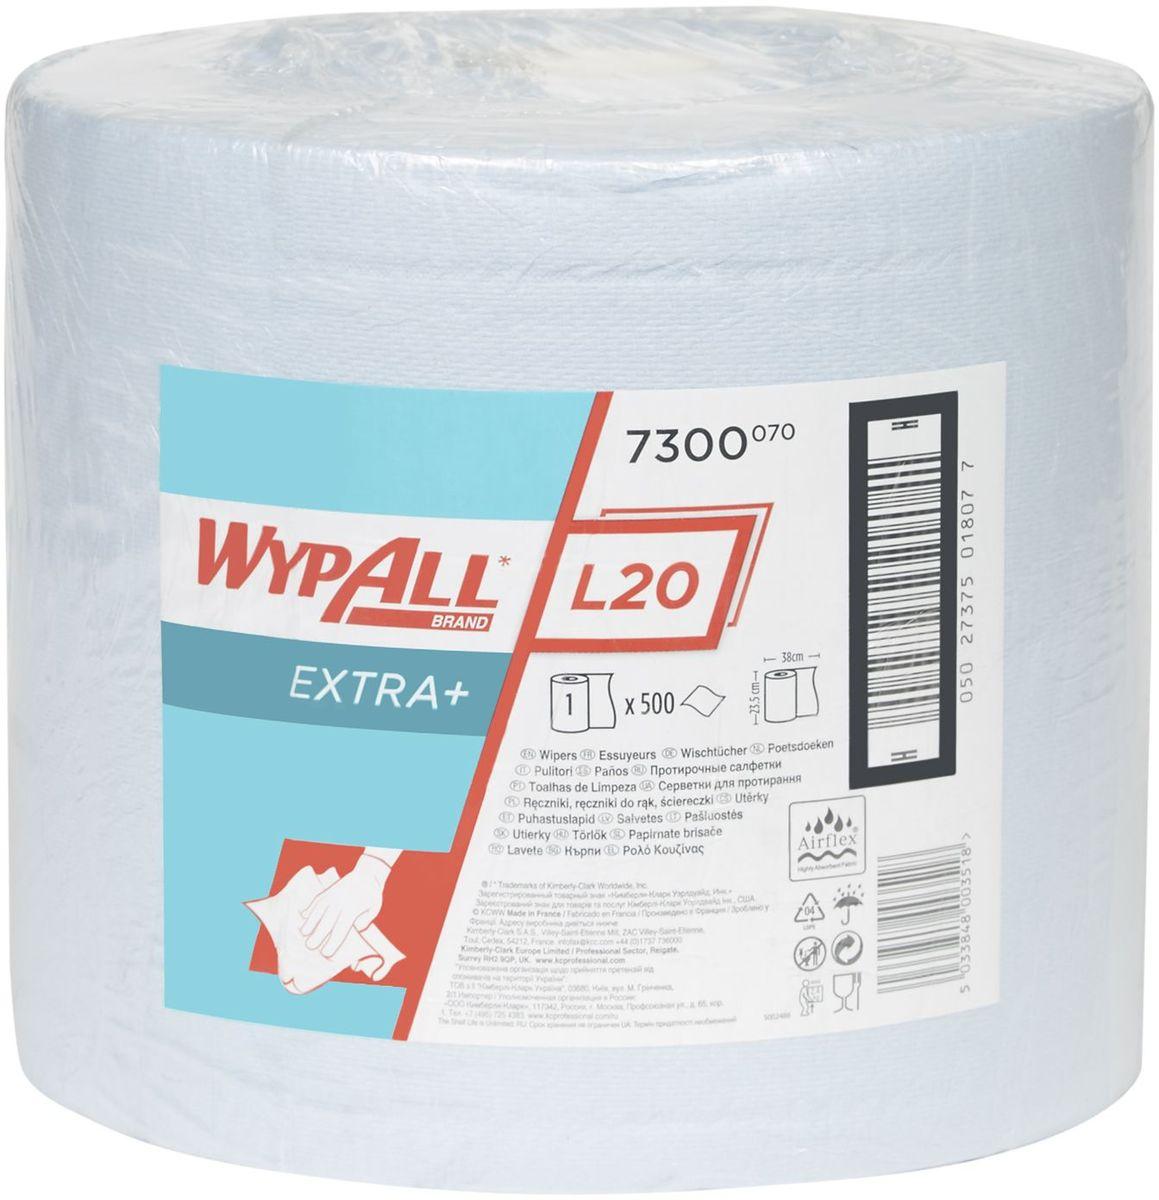 Полотенца бумажные Wypall L30, двухслойные, 500 шт. 73007300Двухслойные бумажные полотенца Wypall L30, изготовленные из целлюлозы, отличаются особенной прочностью и быстротой впитывания жидкостей. Полотенца идеально подойдут для универсальных задач: сбора грязи, работы с маслом, протирки и впитывания жидкостей в пищевой промышленности, а также в автомобильной индустрии и многих других областей.